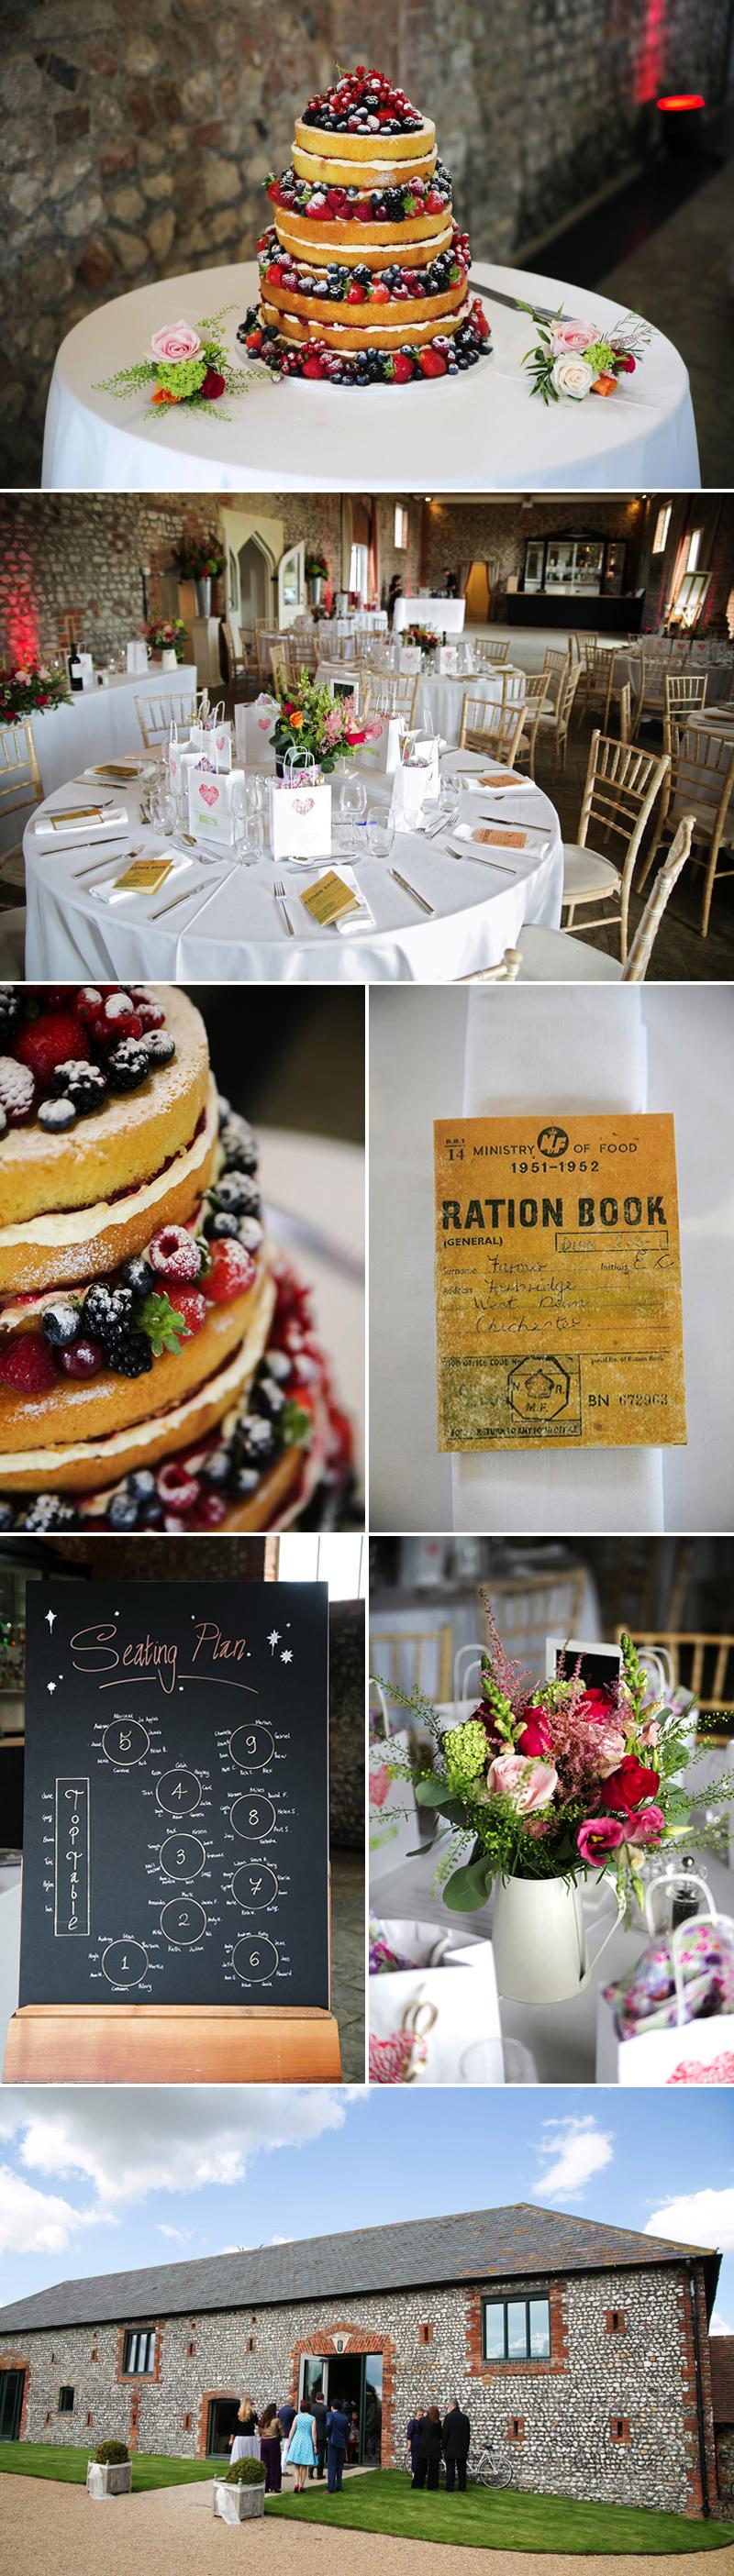 vintage-wedding-in-west-sussex-farbridge-barns-003